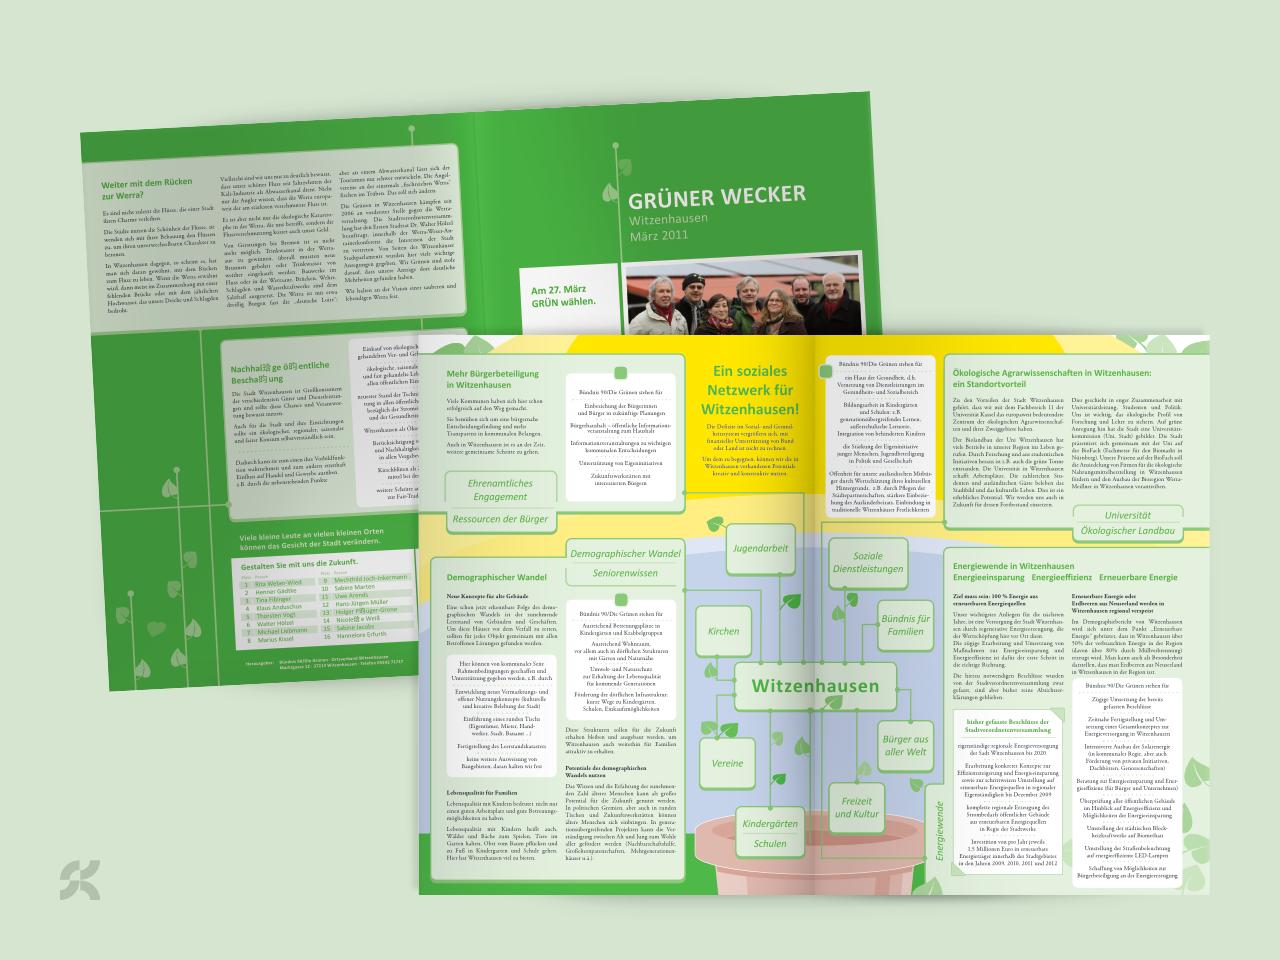 Information zur Wahl in Witzenhausen, Außen- und Innendarstellung des Flyers